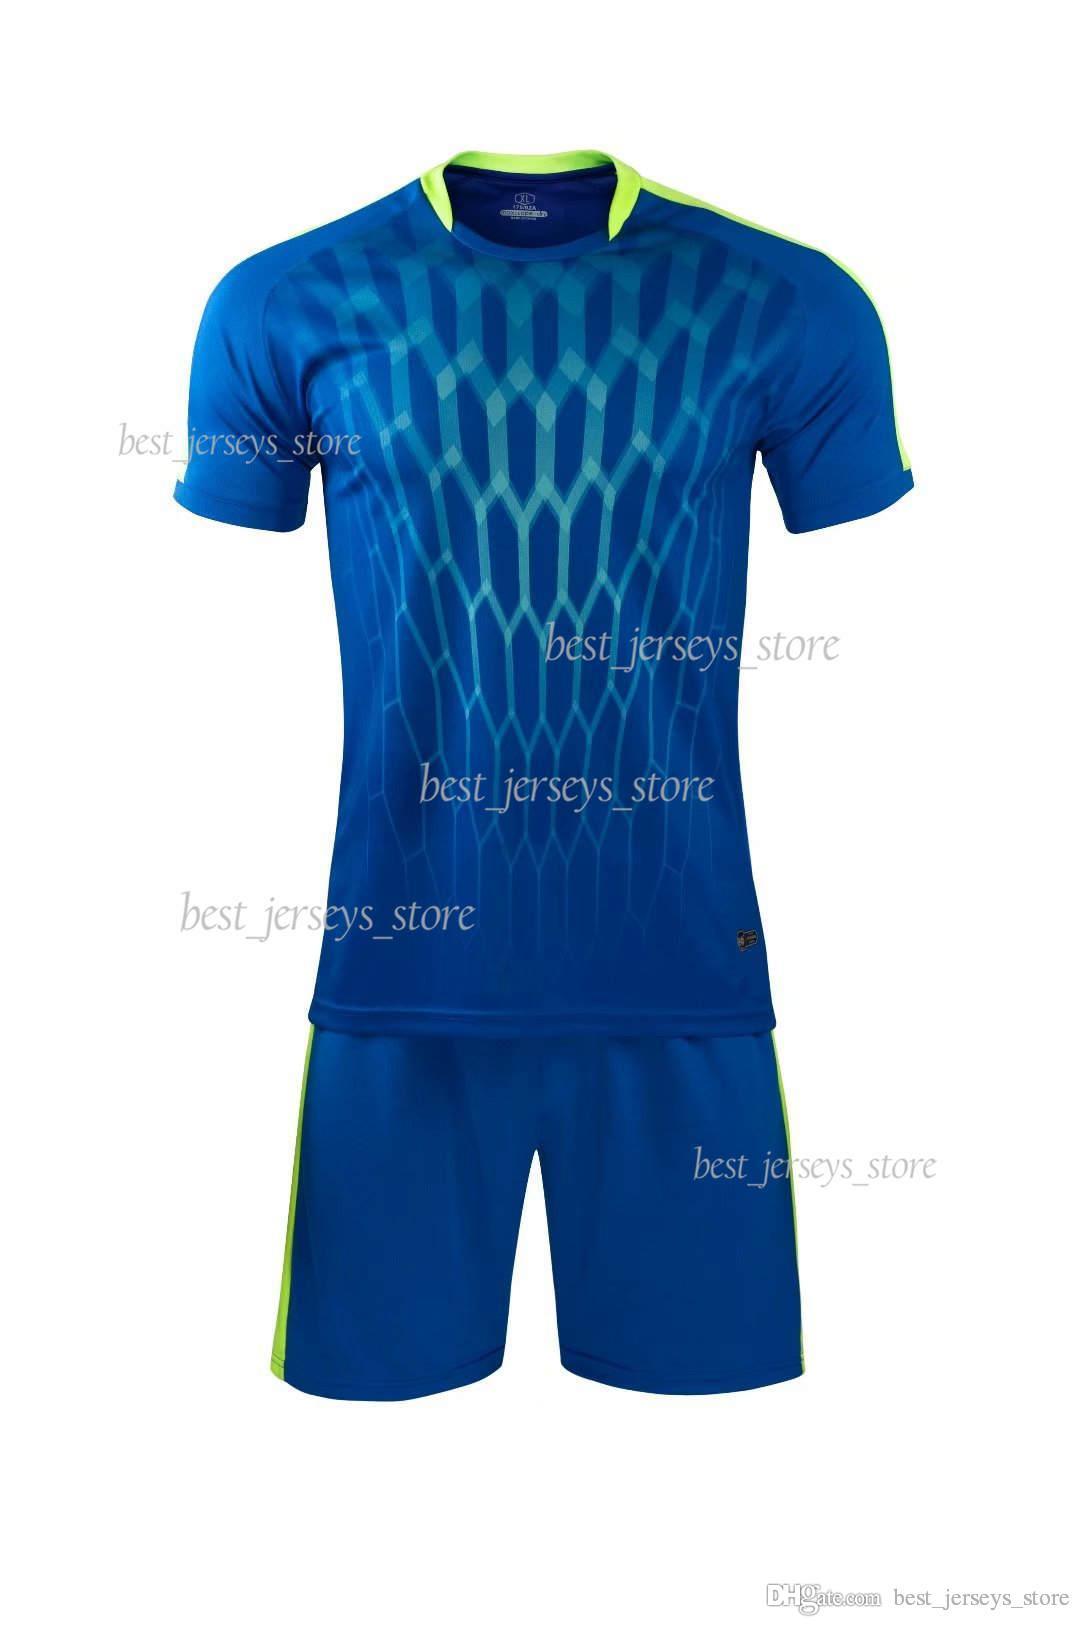 Nouveau costume de football de 2019 Pantalon imprimé à manches courtes + courtes pour hommes de formation de la concurrence Porter un séchage rapide et absorbant la transpiration d'été 86